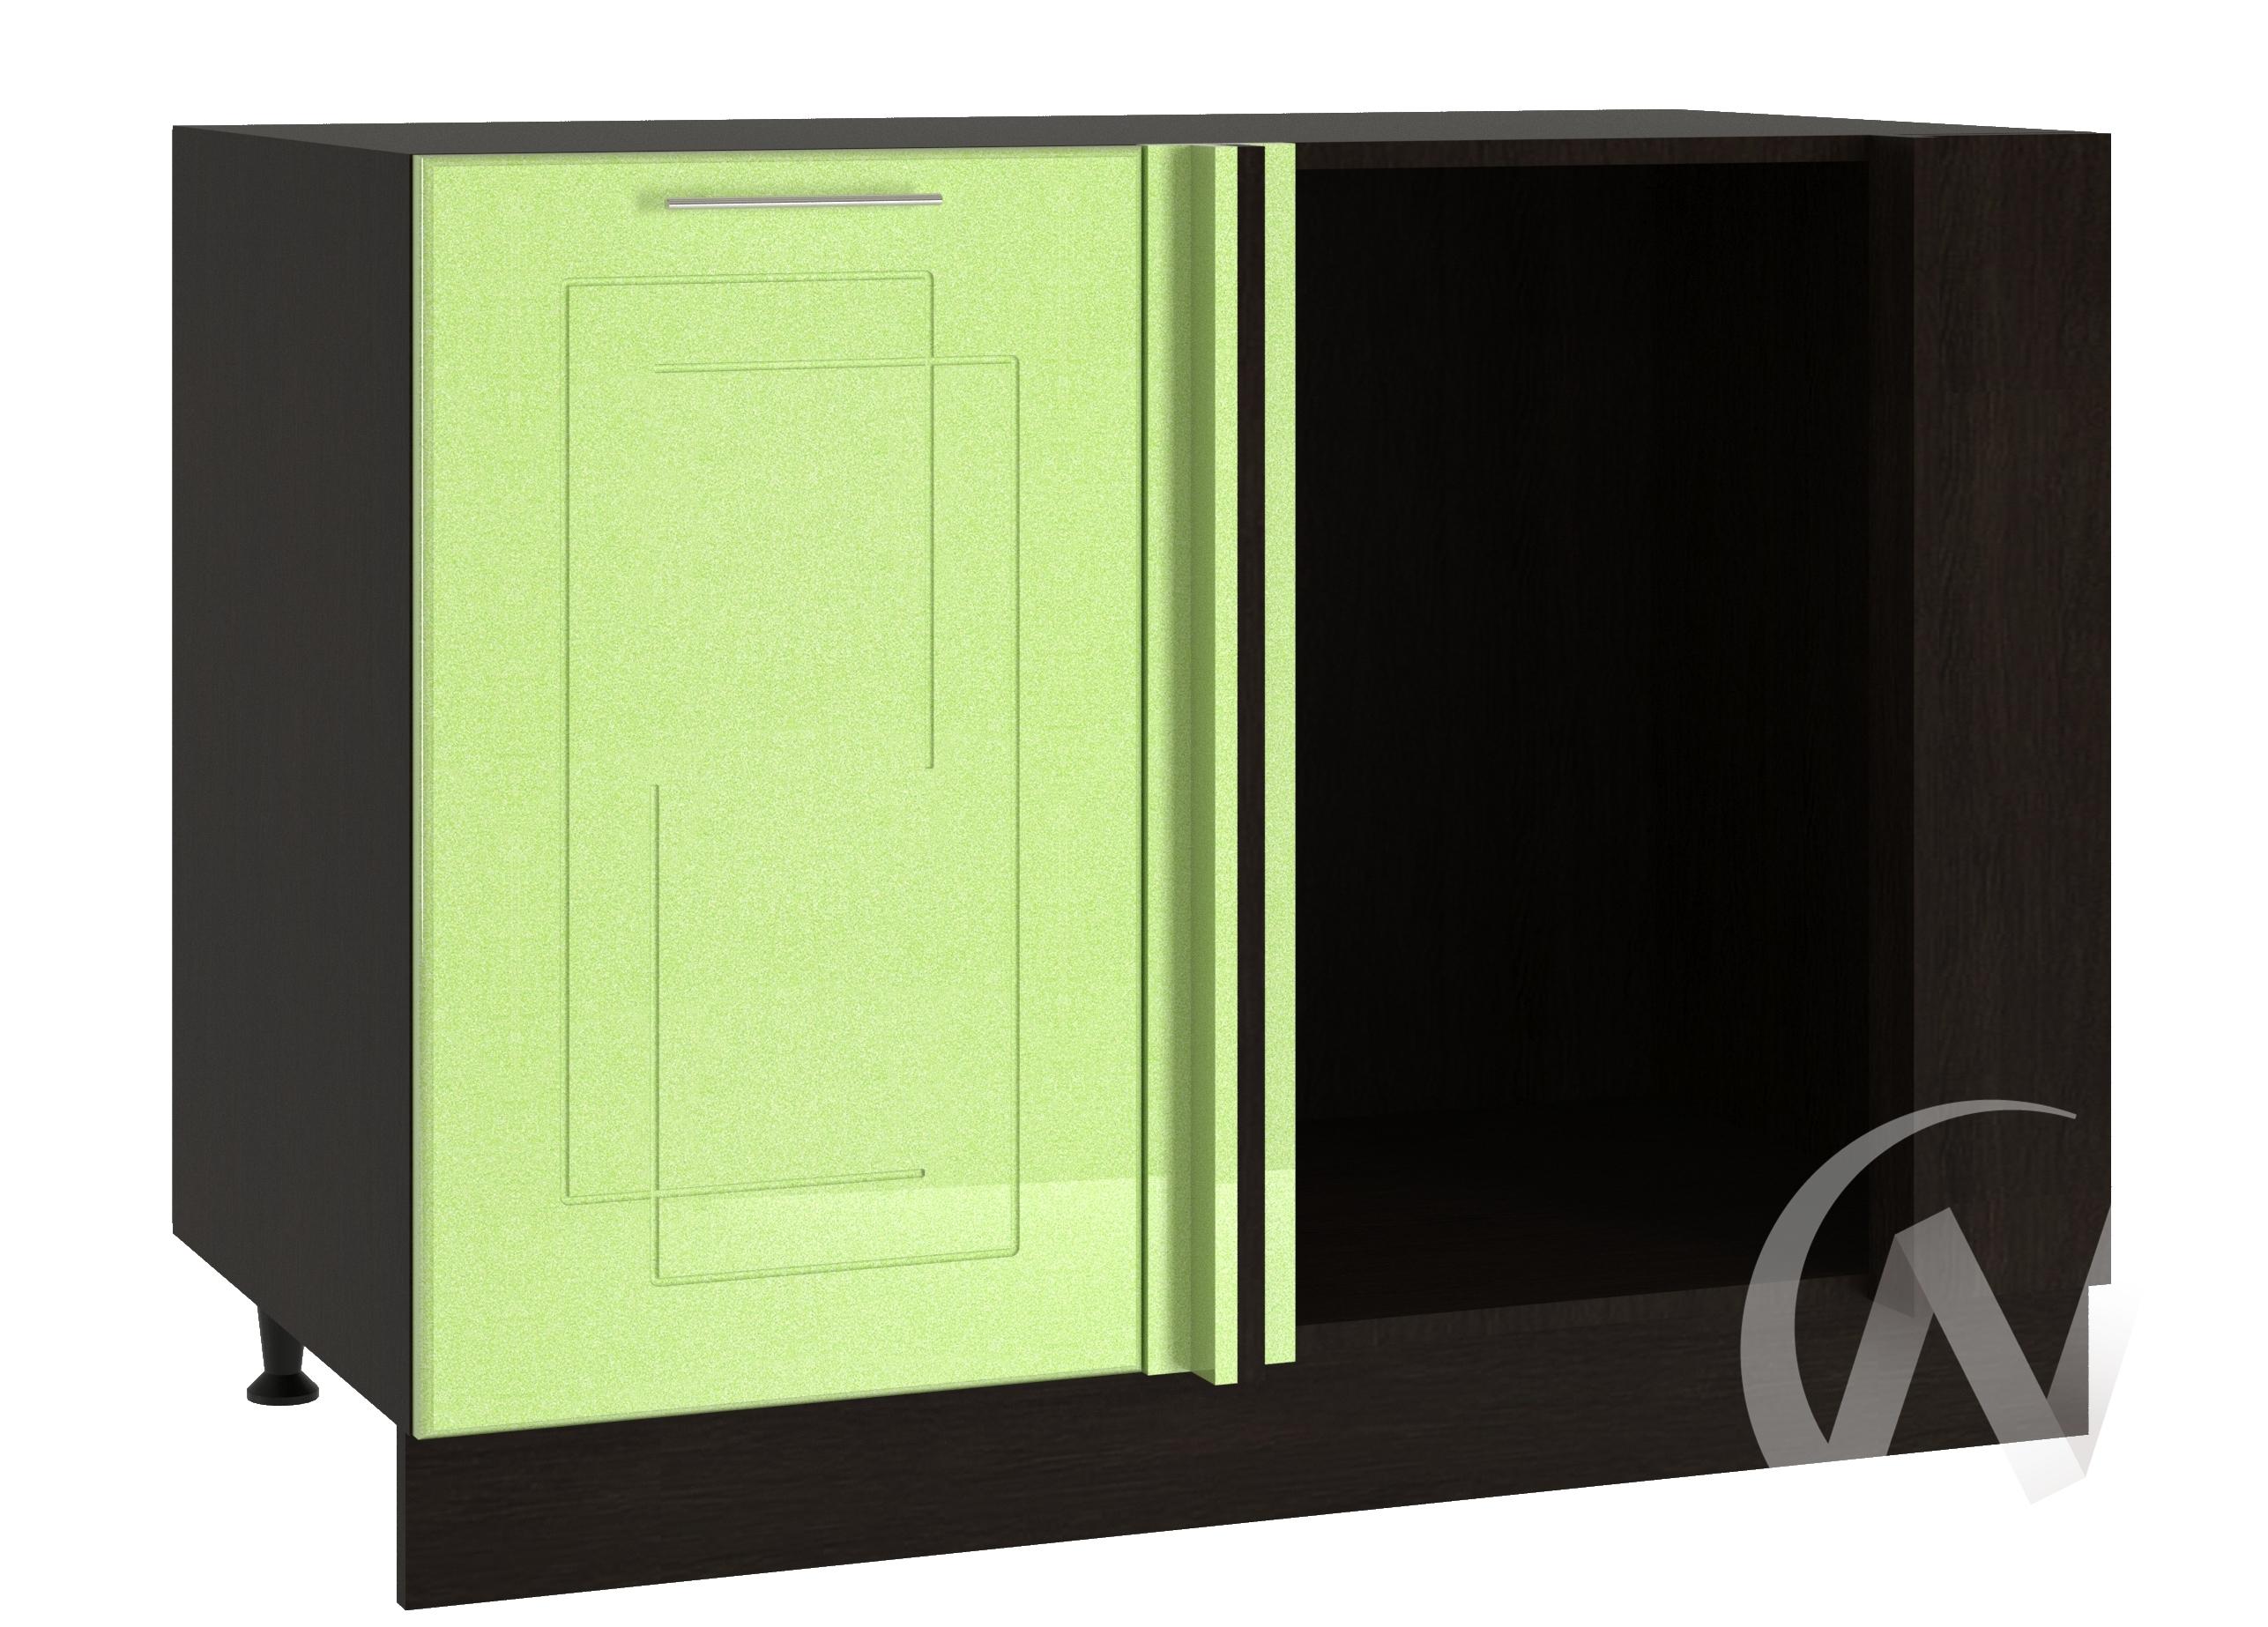 """Кухня """"Вега"""": Шкаф нижний угловой 990М, ШНУ 990М (салатовый металлик/корпус венге)"""